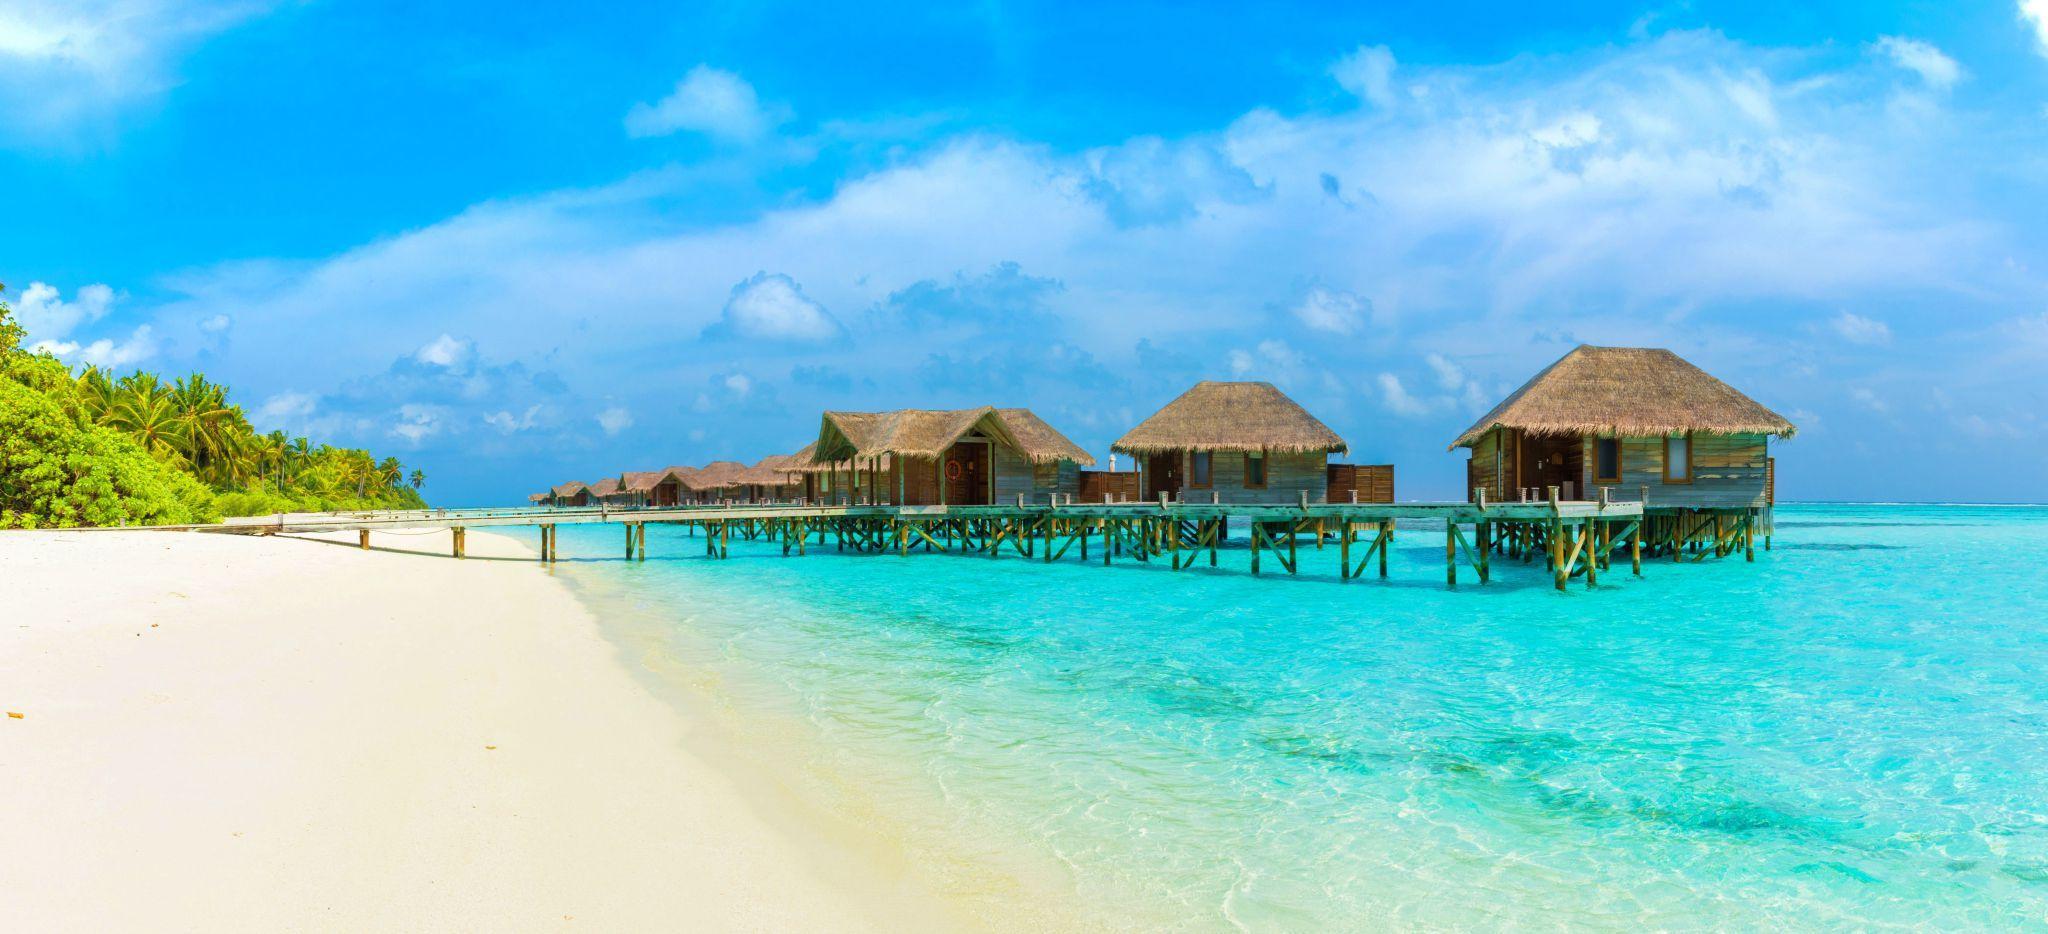 Ein Strand der Insel Conrad Rangali Maldives mit mehreren Wasservillen vorgelagert